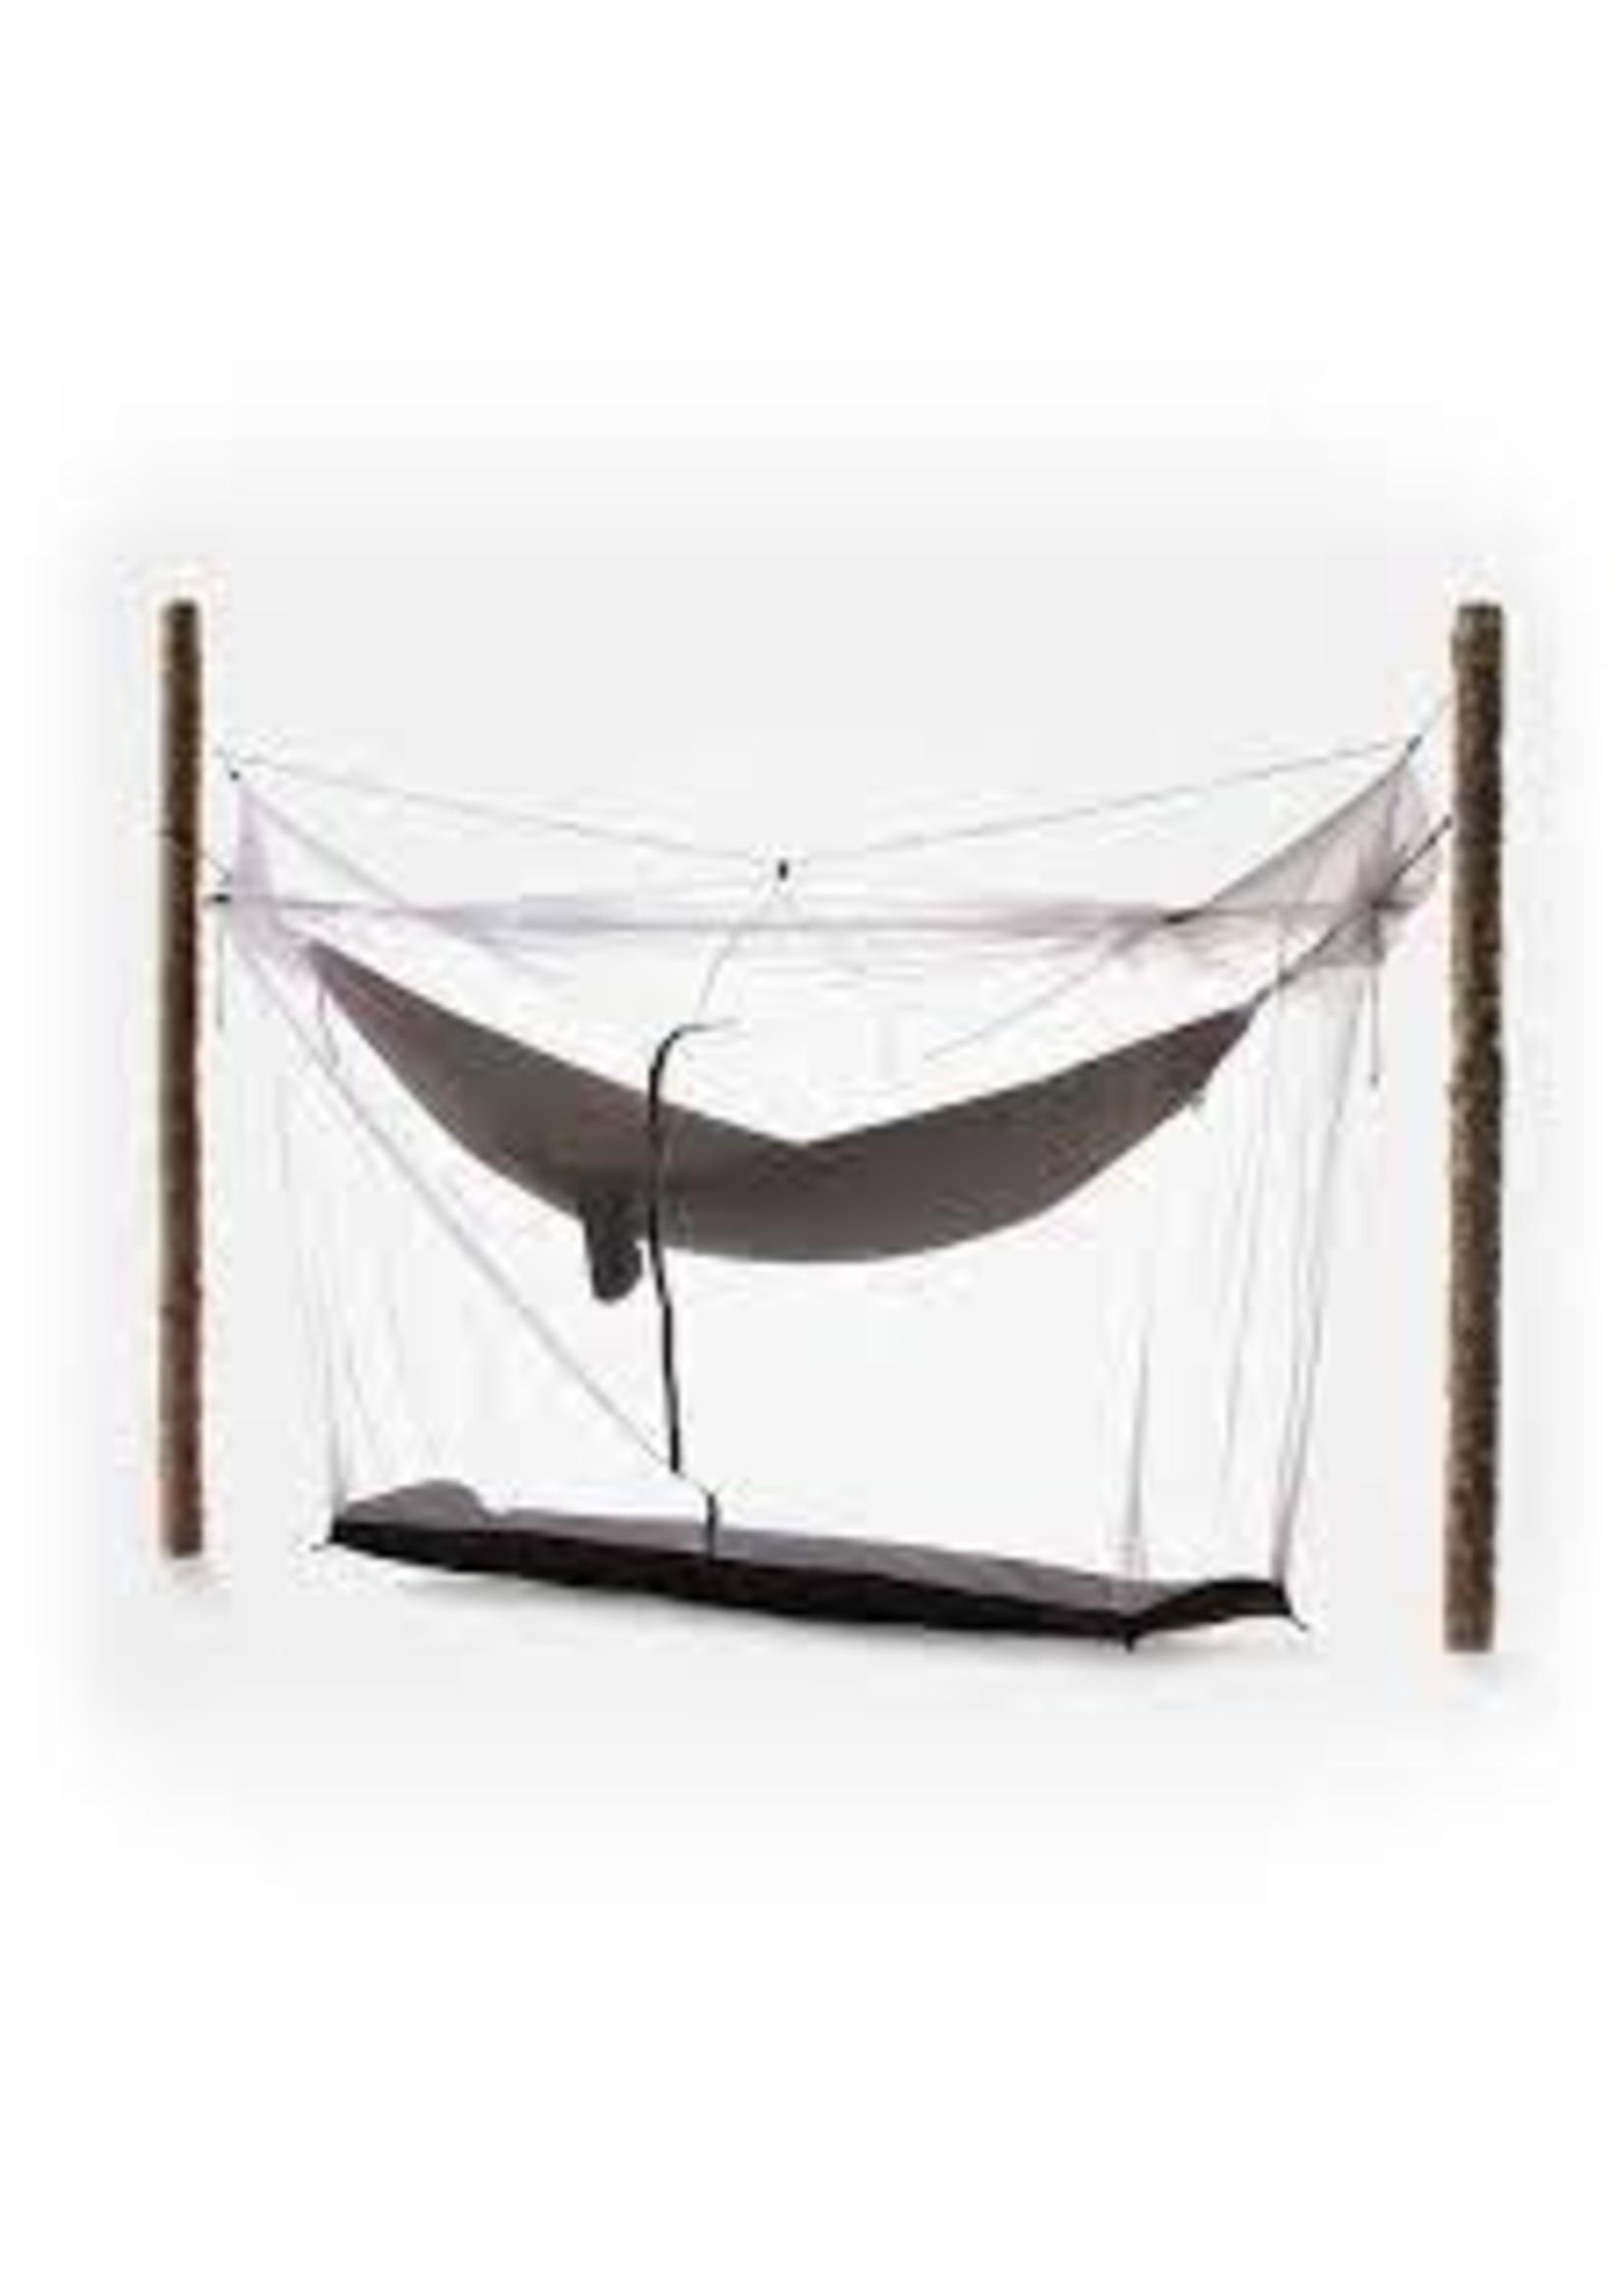 Grand Trunk Grand Trunk Mosquito net